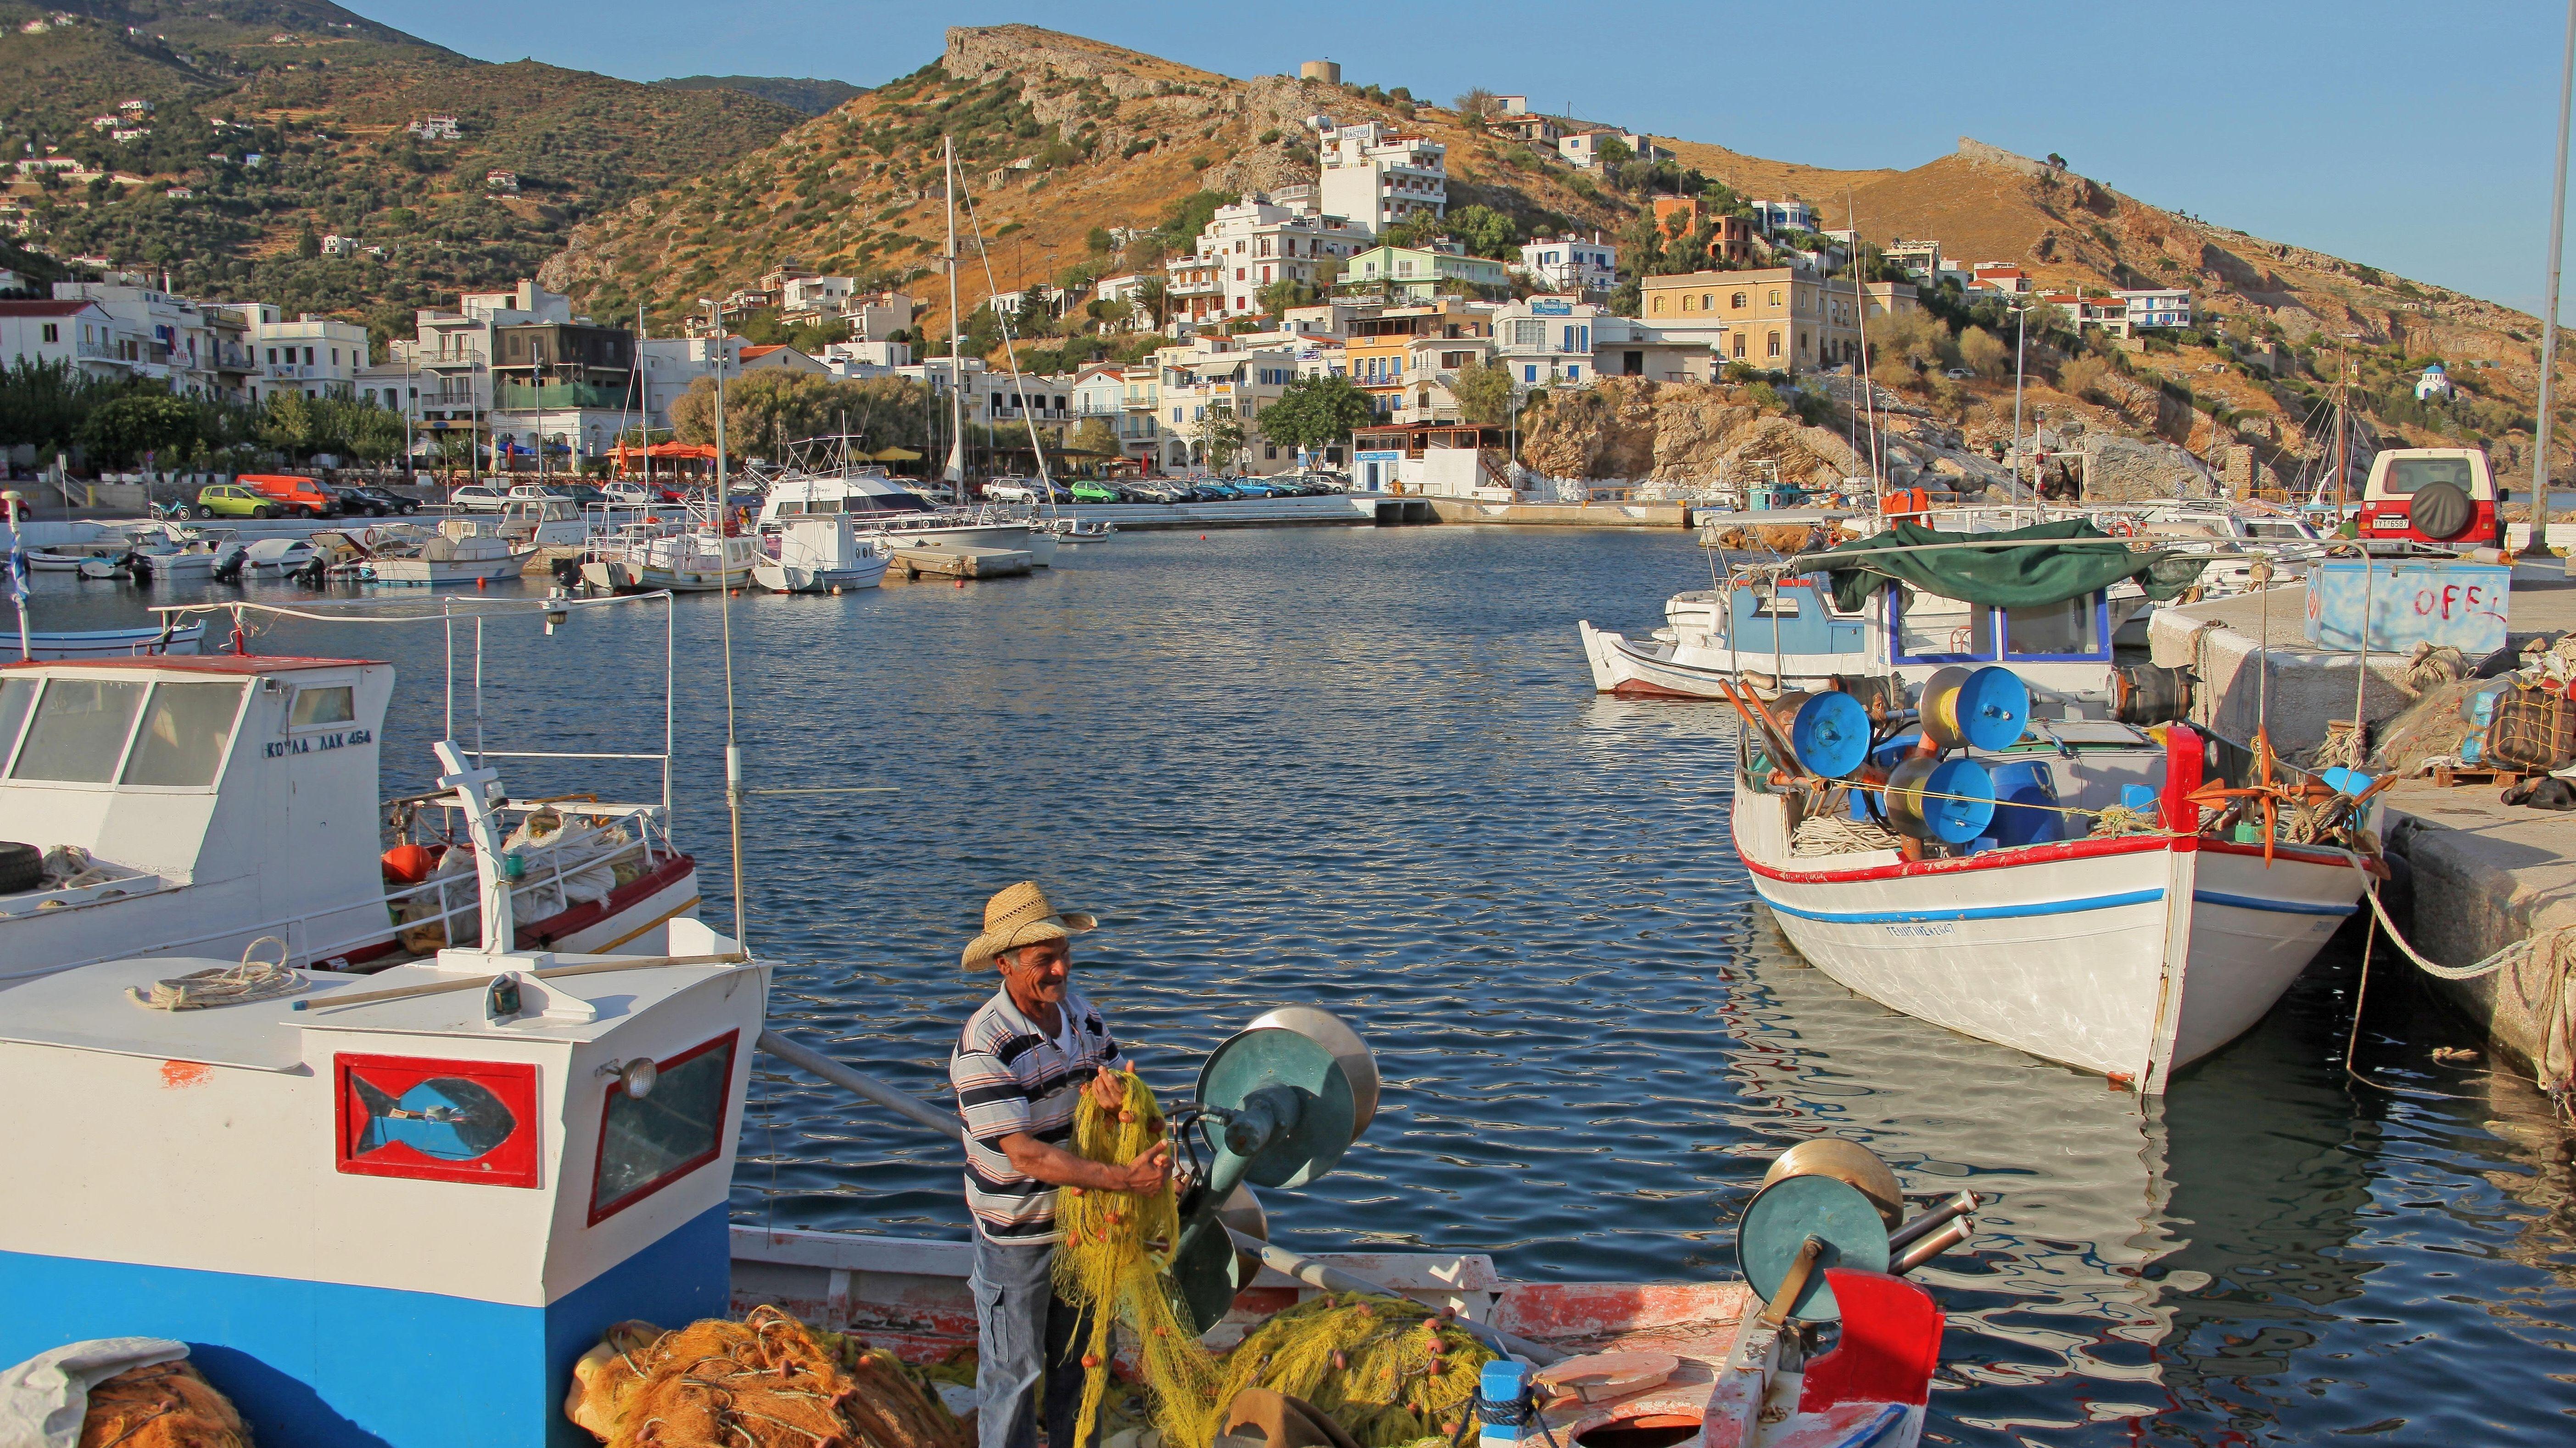 Die Ortschaft Agios Kirykos auf Ikaria